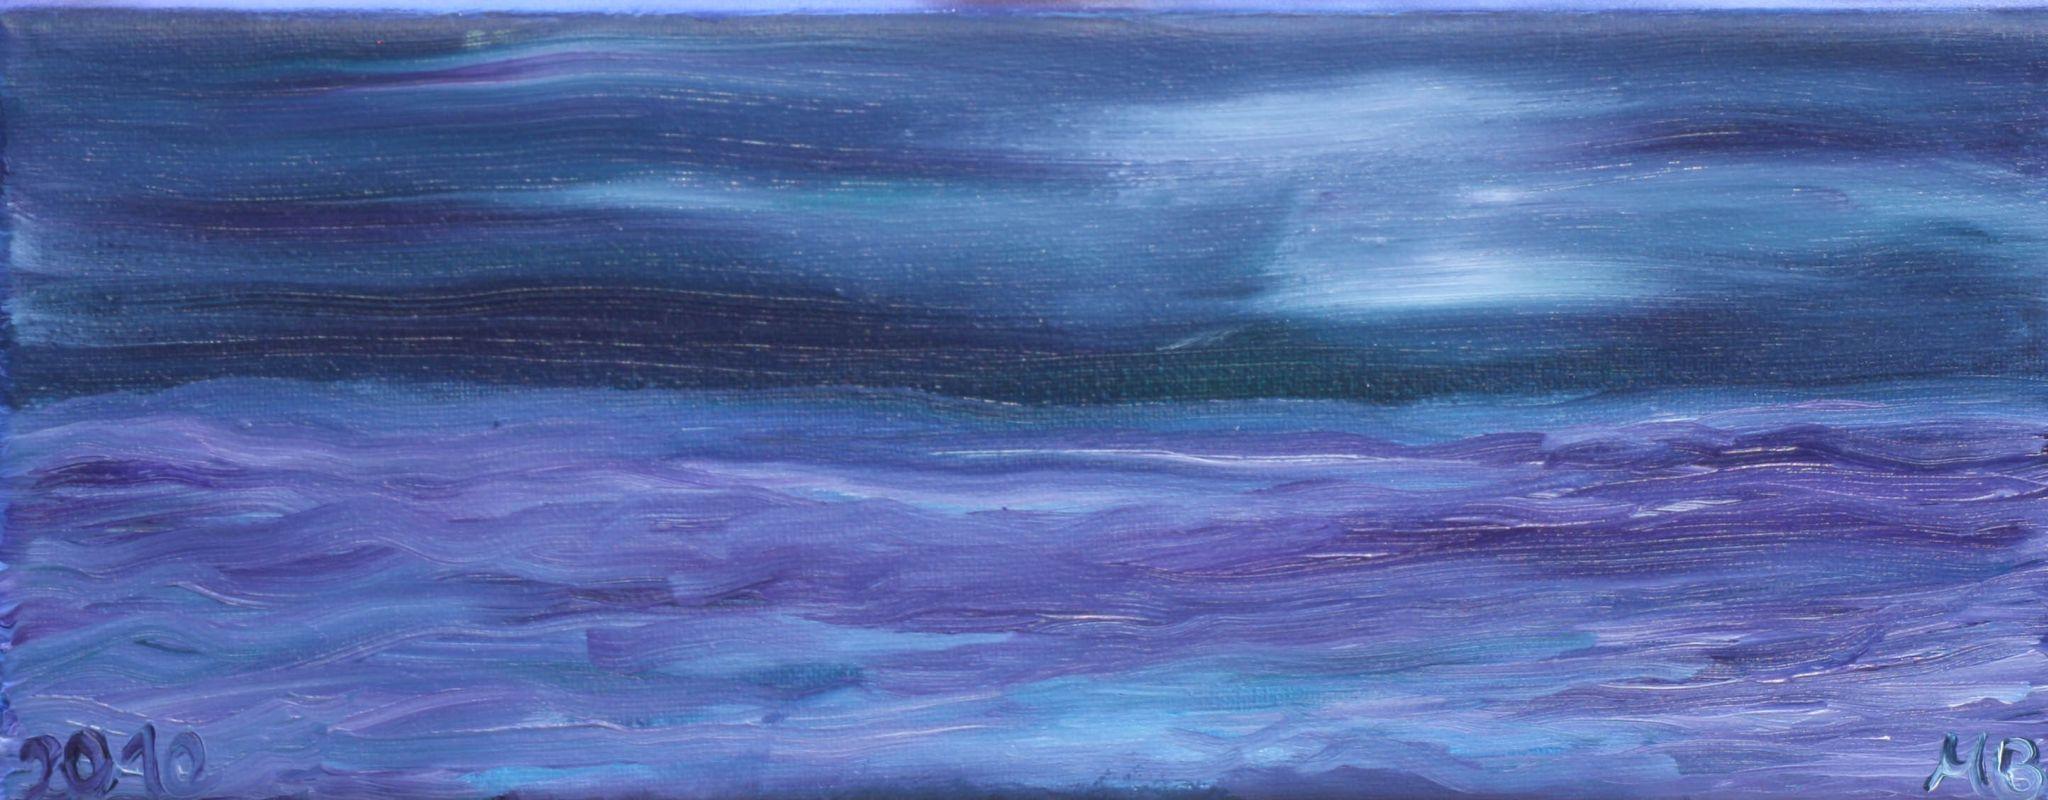 Mondnacht auf See (2009, 10 x 25 cm)